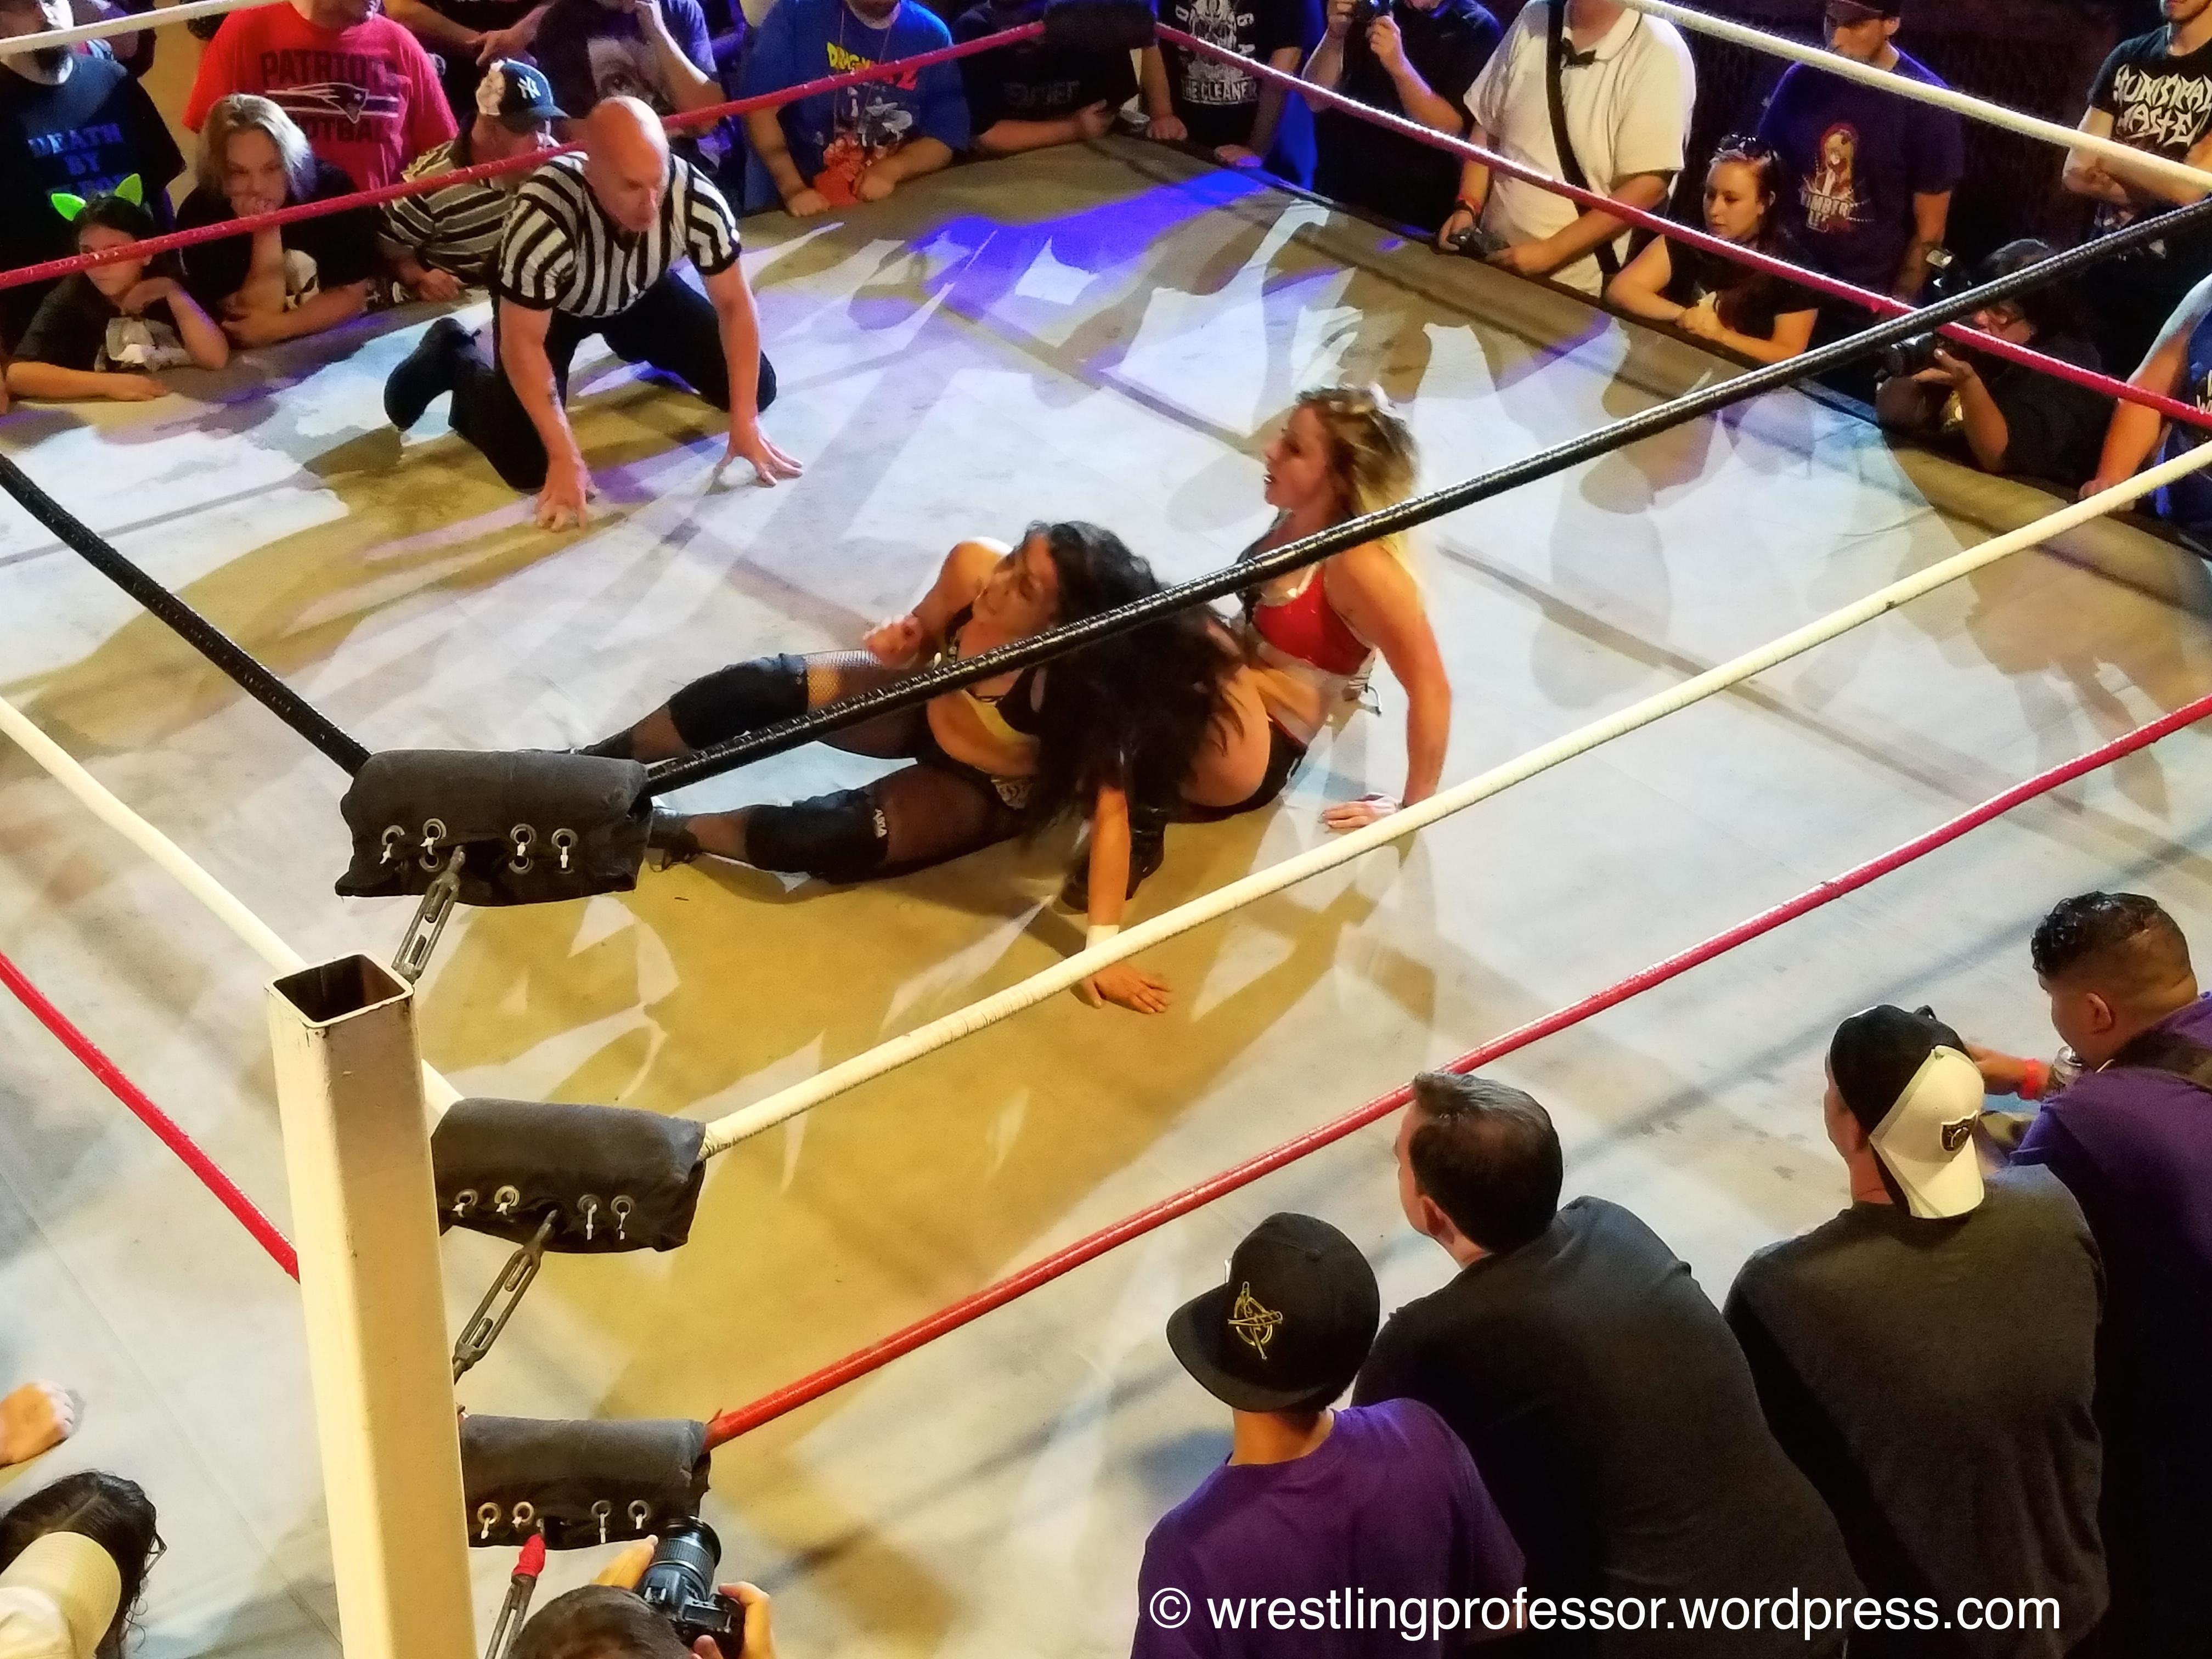 Wrestling Revolution D Exhibition : Womens wrestling revolution the professor